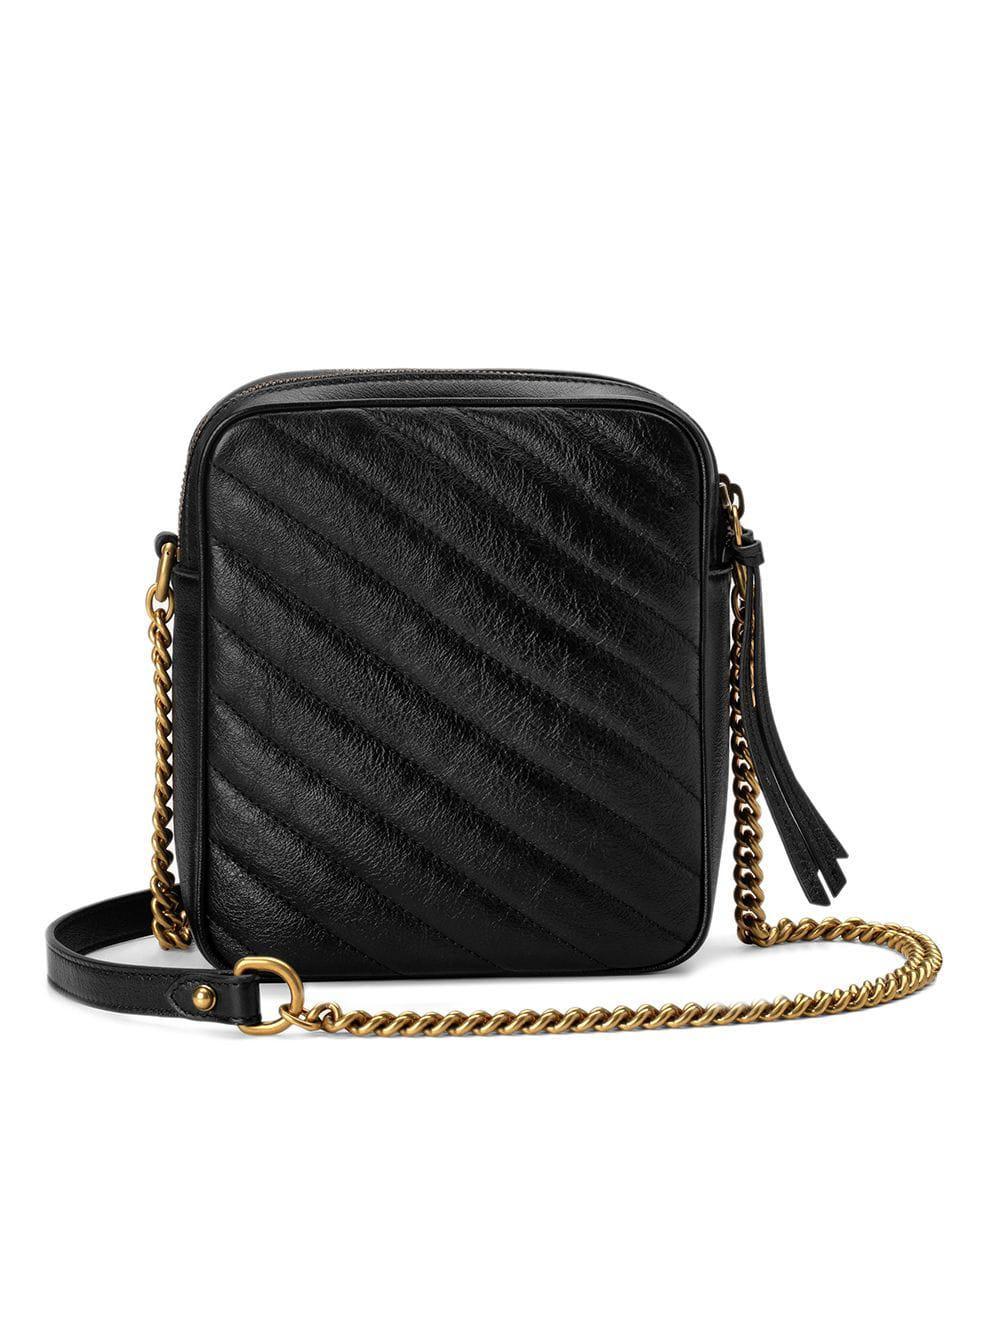 c701cbd6054 Lyst - Mini sac à épaule GG Marmont Gucci en coloris Noir